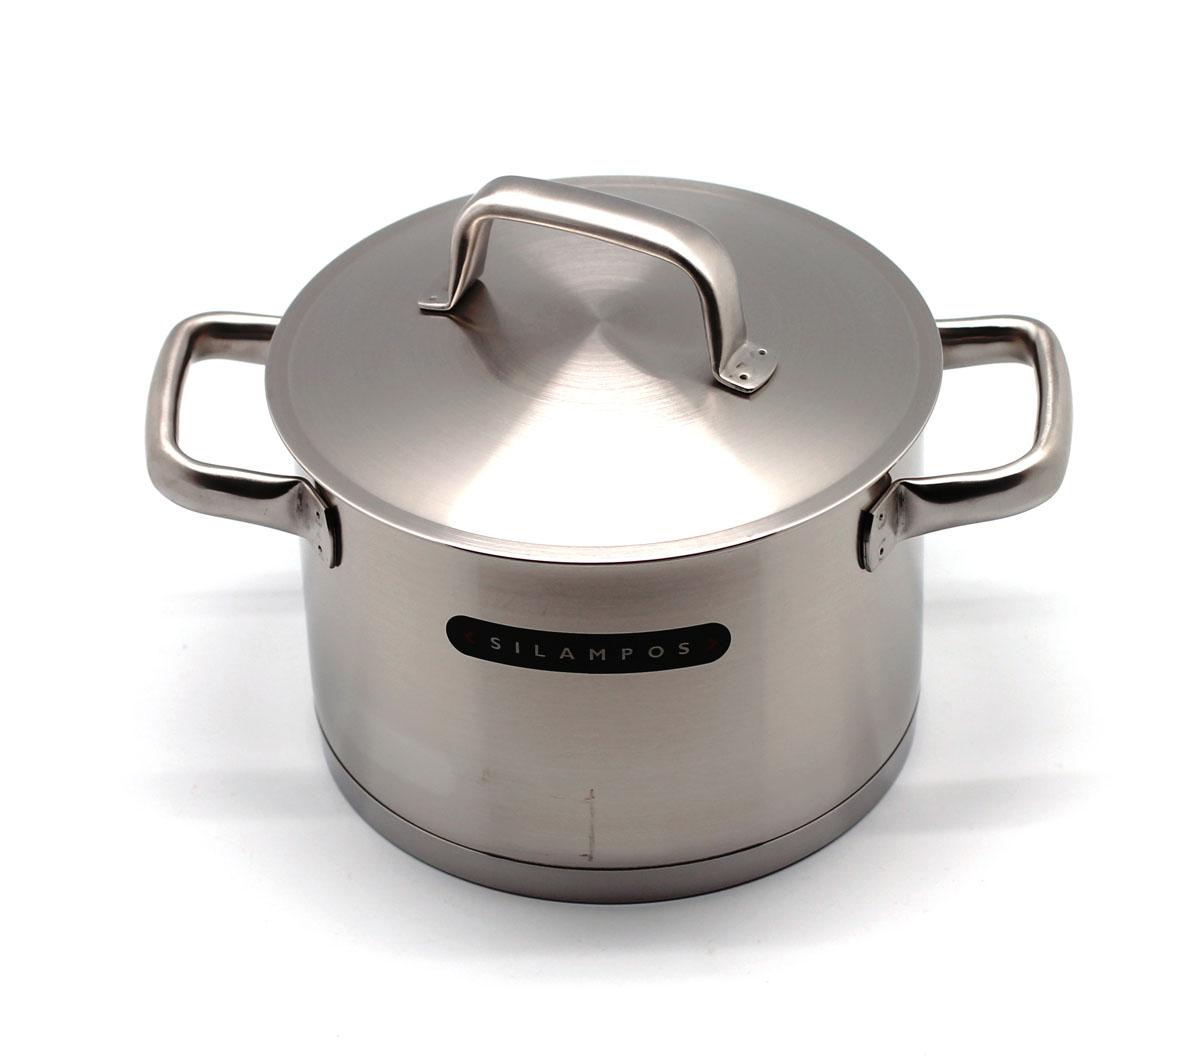 Кастрюля Silampos Move с крышкой, 1,5 л купить в иванове посуду из нержавеющей стали